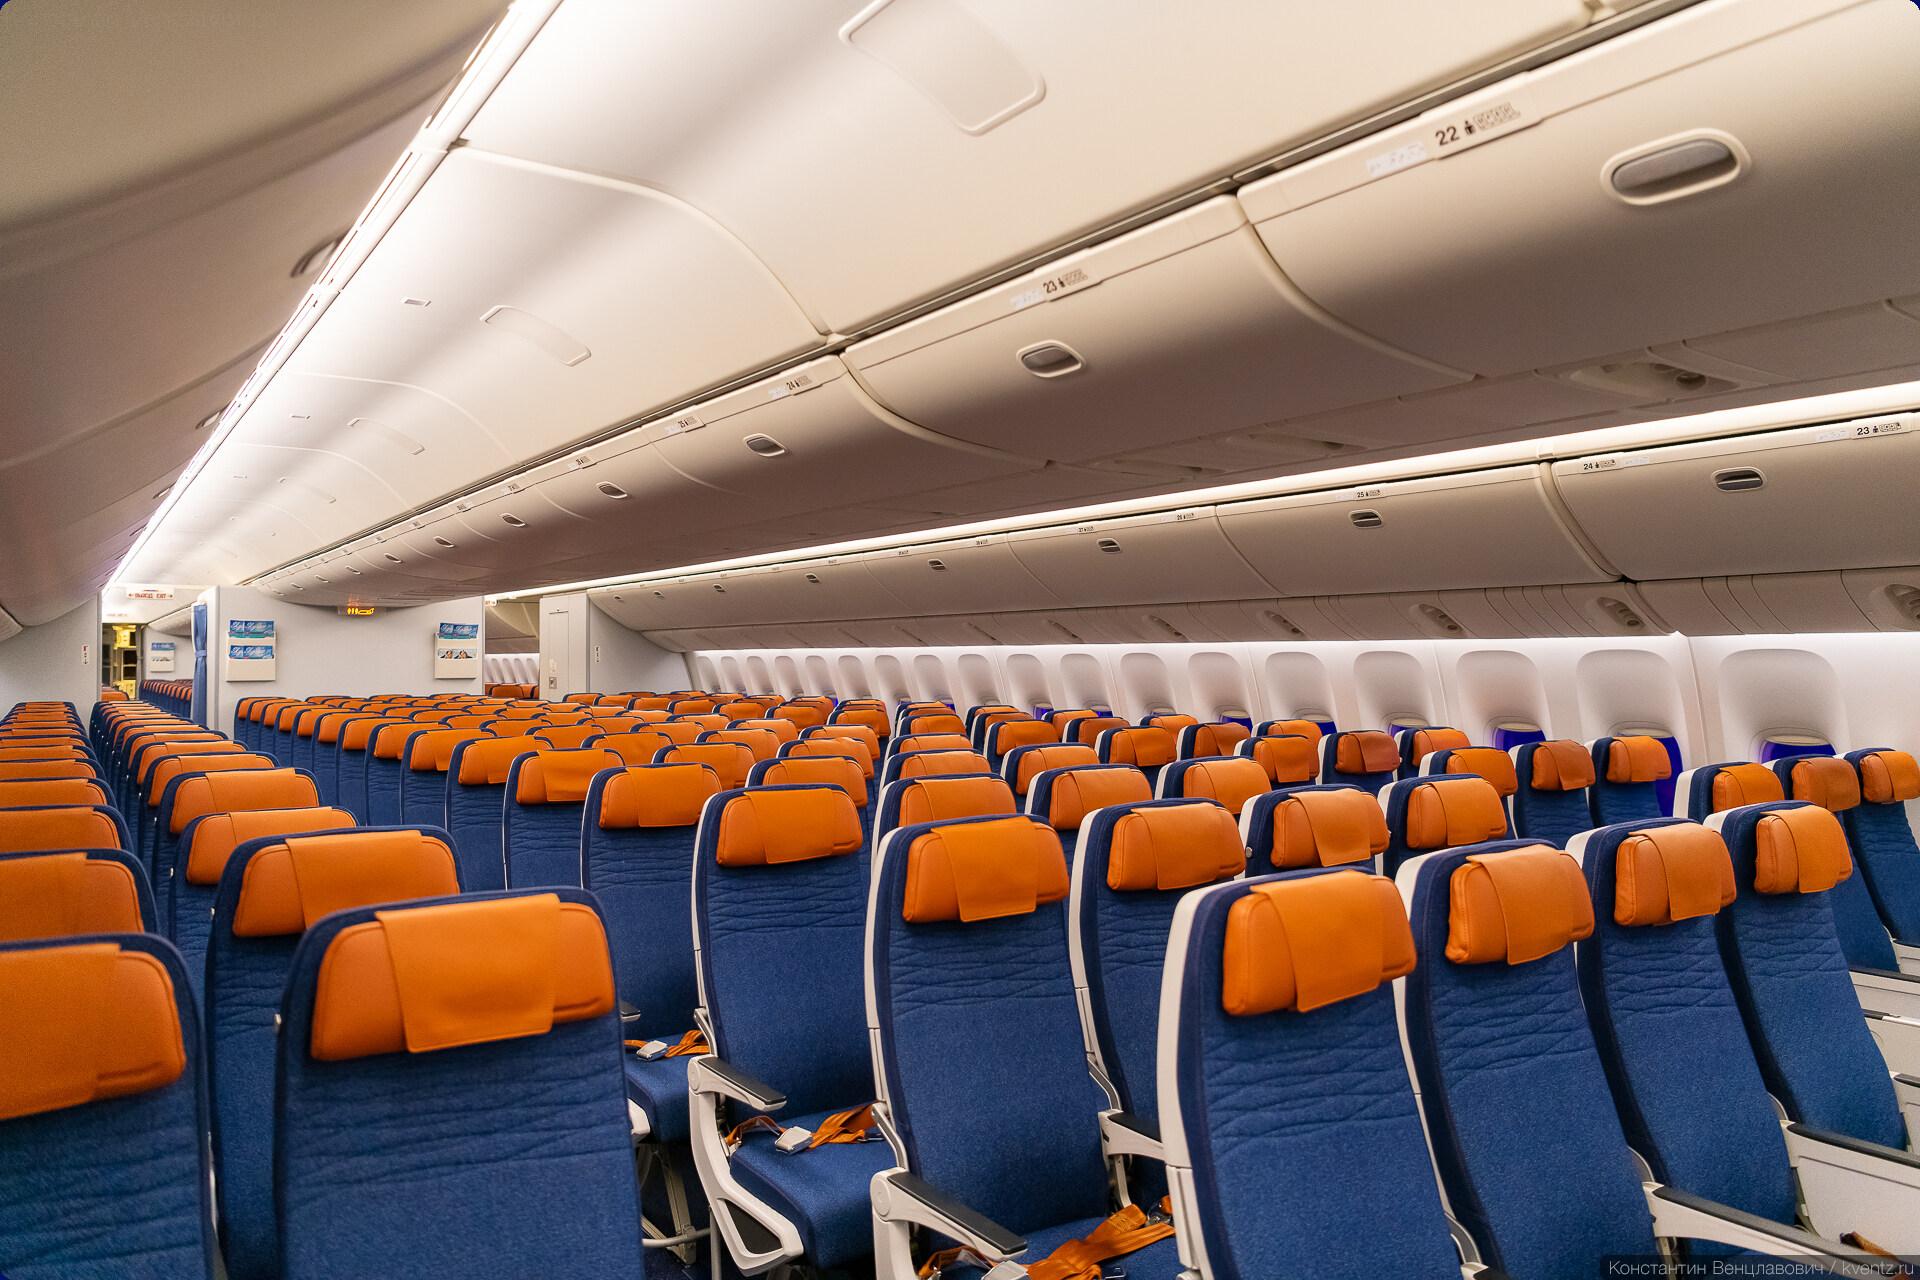 07. Общий интерьер в целом стандартный для Boeing 777, отличаются только сиденья. Удивило отсутствие индивидуального обдува с учётом того, как наши граждане (и авиакомпании) любят жару. Шаг кресел тоже стандартный (32, местами 30 дюймов), но места стало больше за счёт более тонких спинок кресел и выноса кармашков с макулатурой наверх.